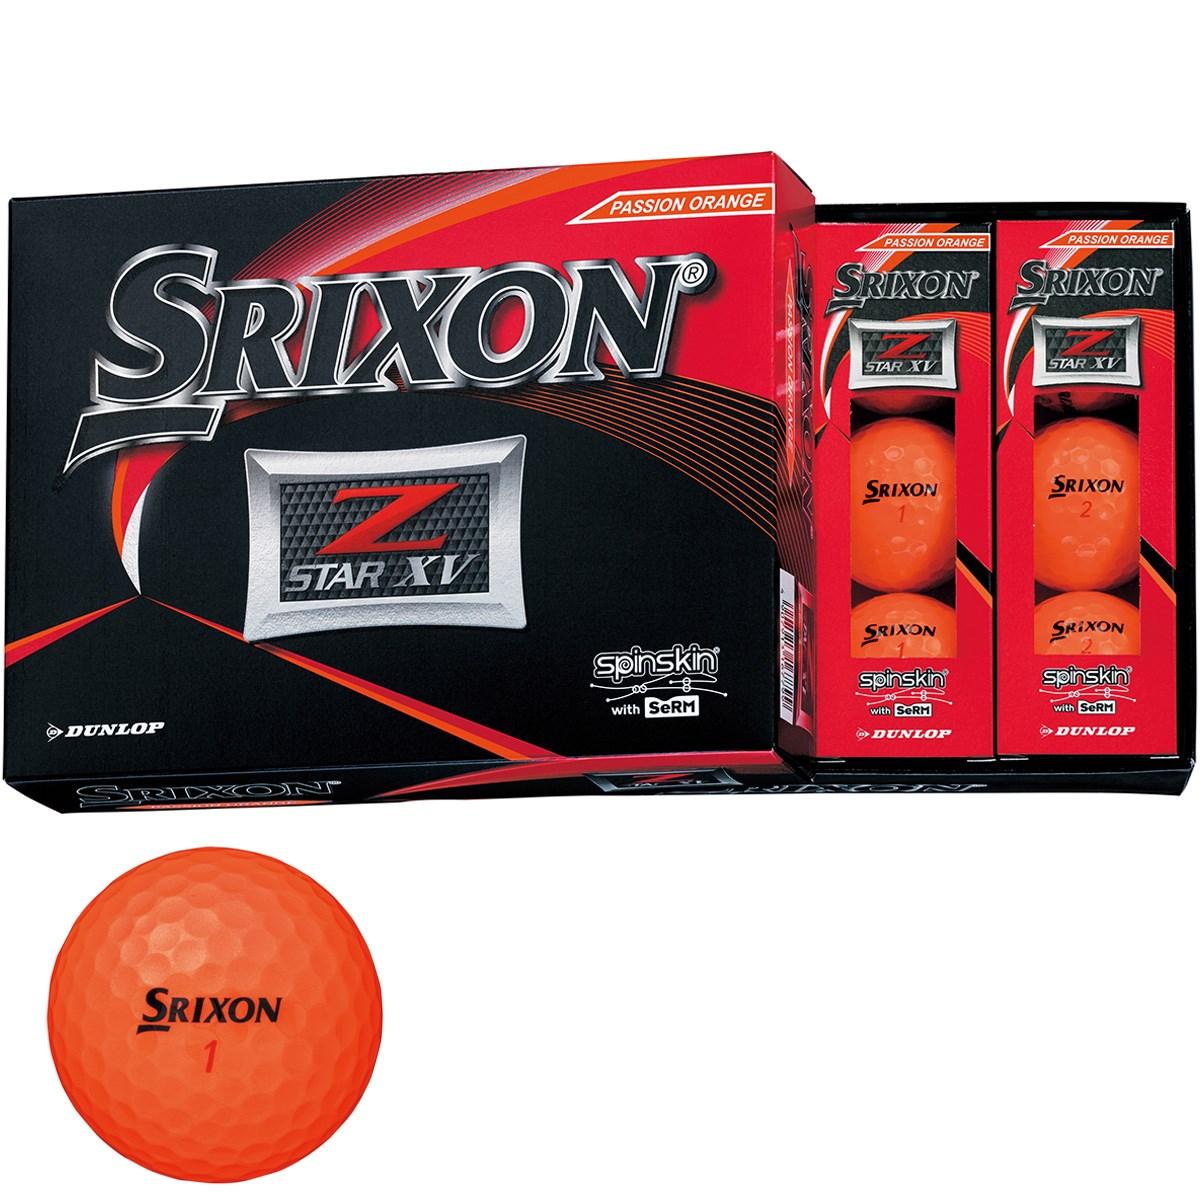 ダンロップ SRIXON Z-STAR XV ボール 1ダース(12個入り) プレミアムパッションオレンジ